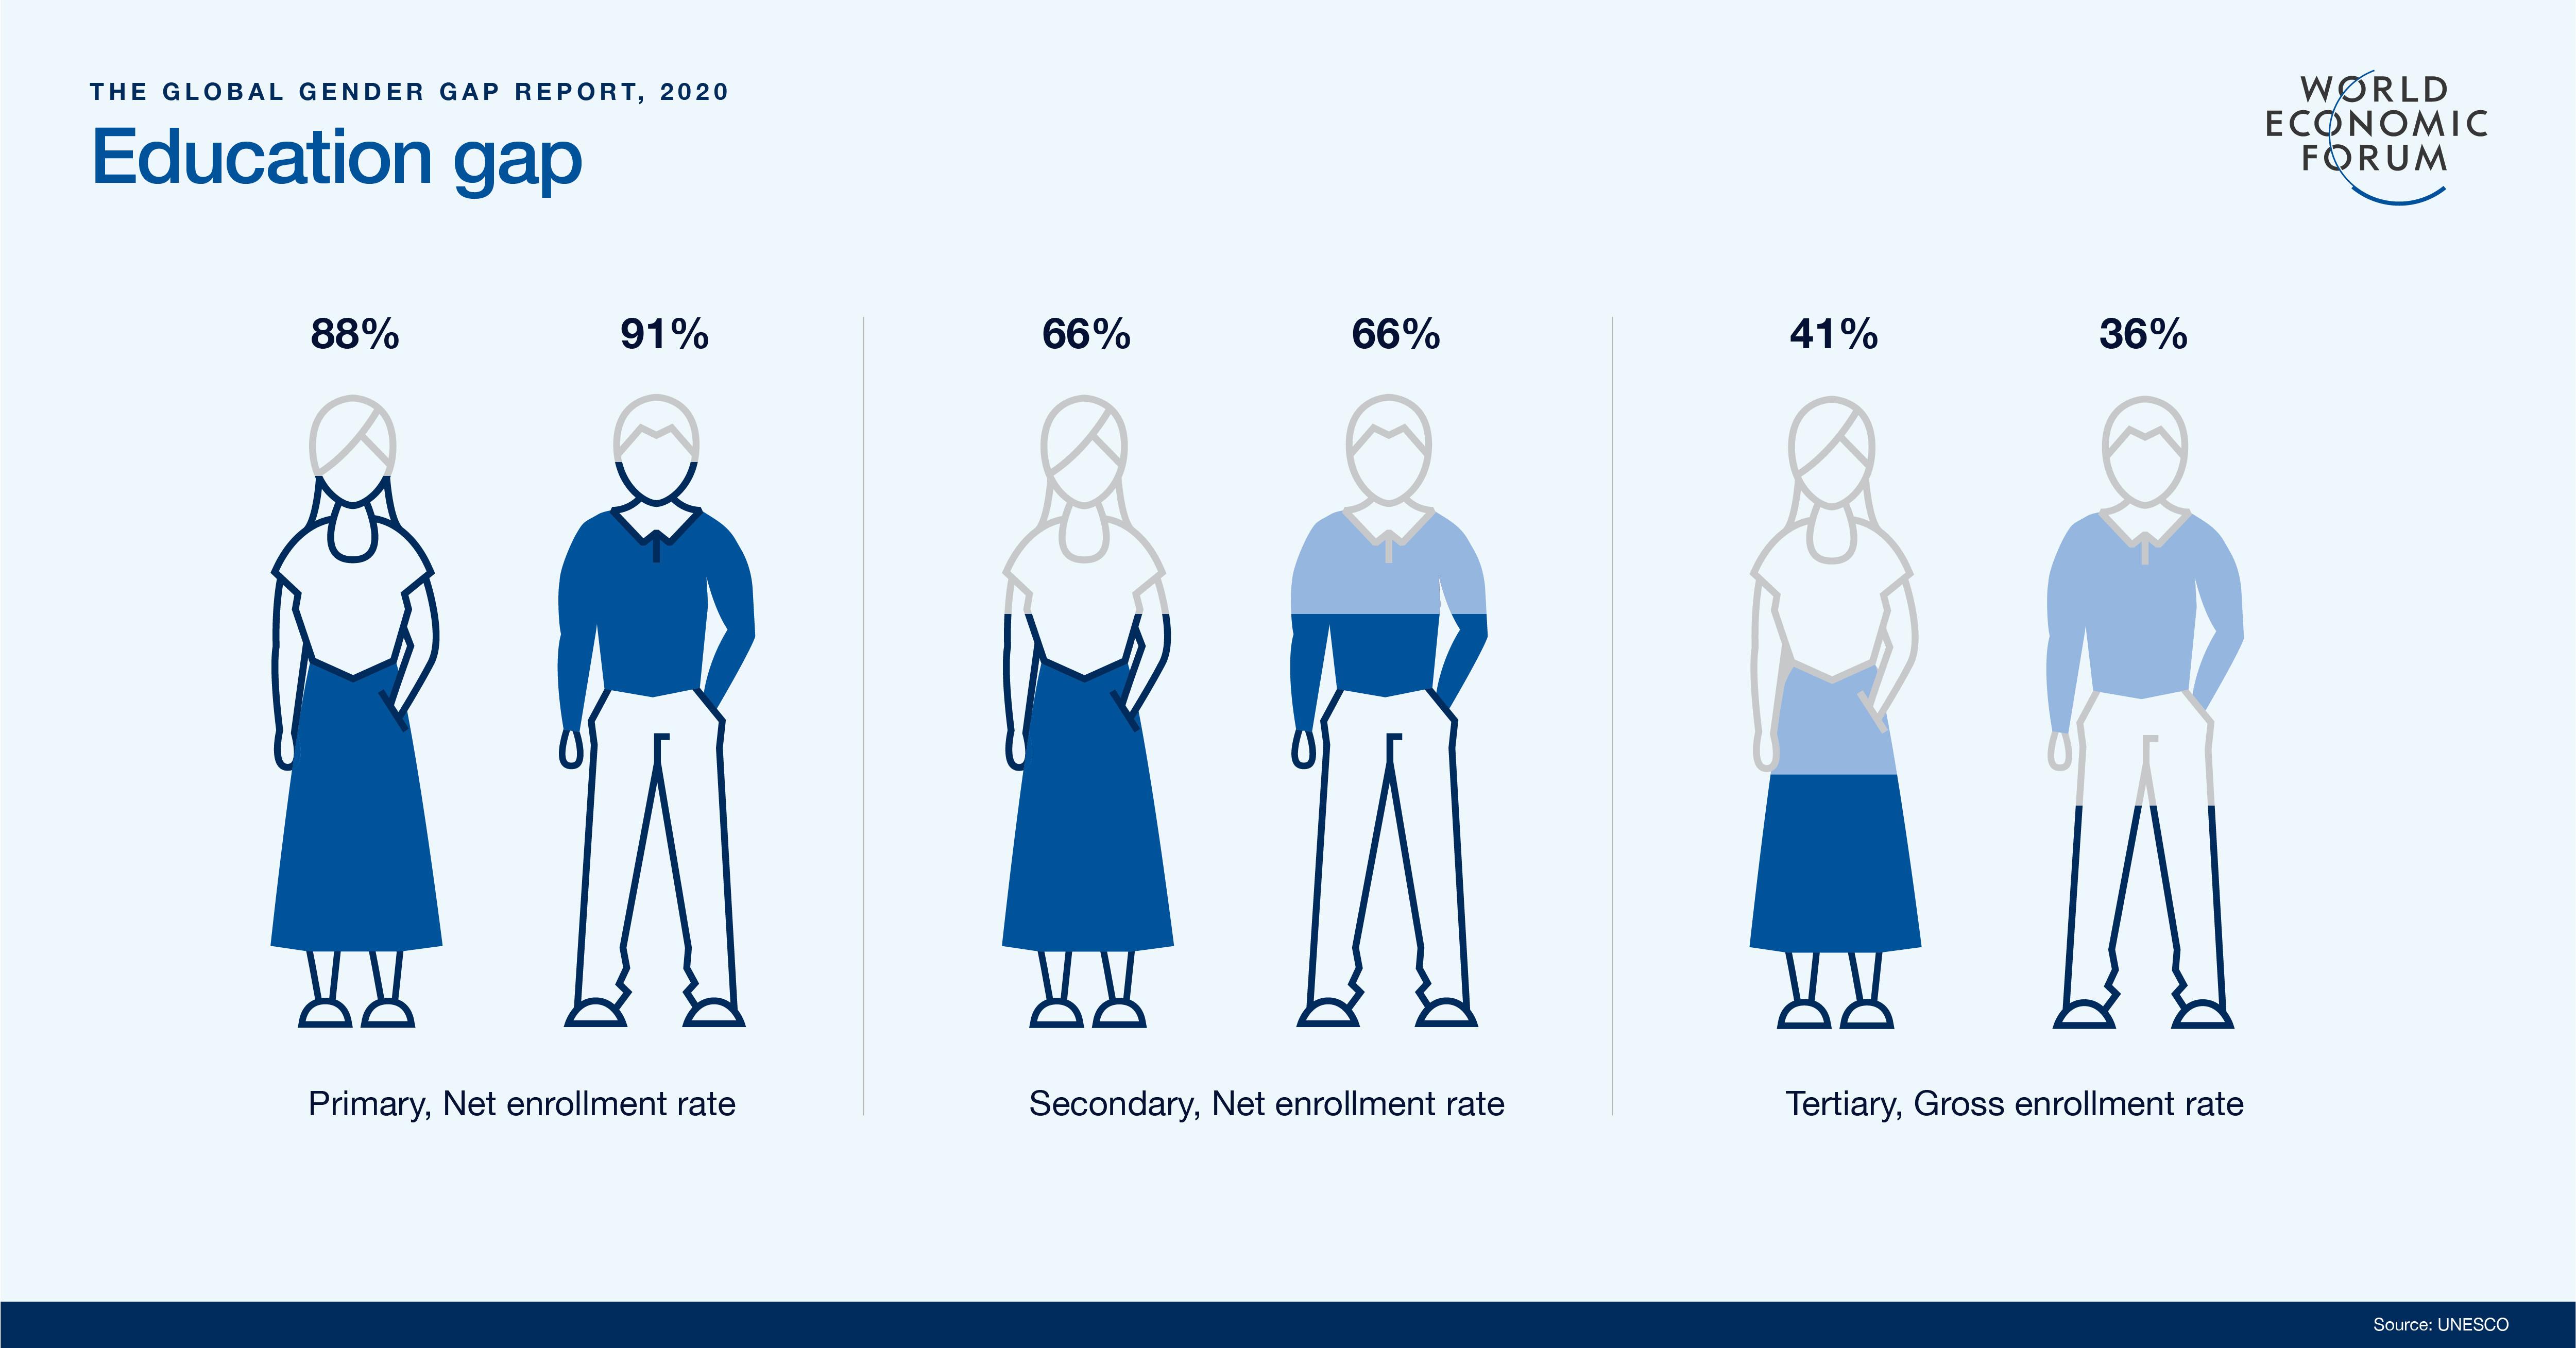 Female Education Gap - Global Gender Gap Report 2020